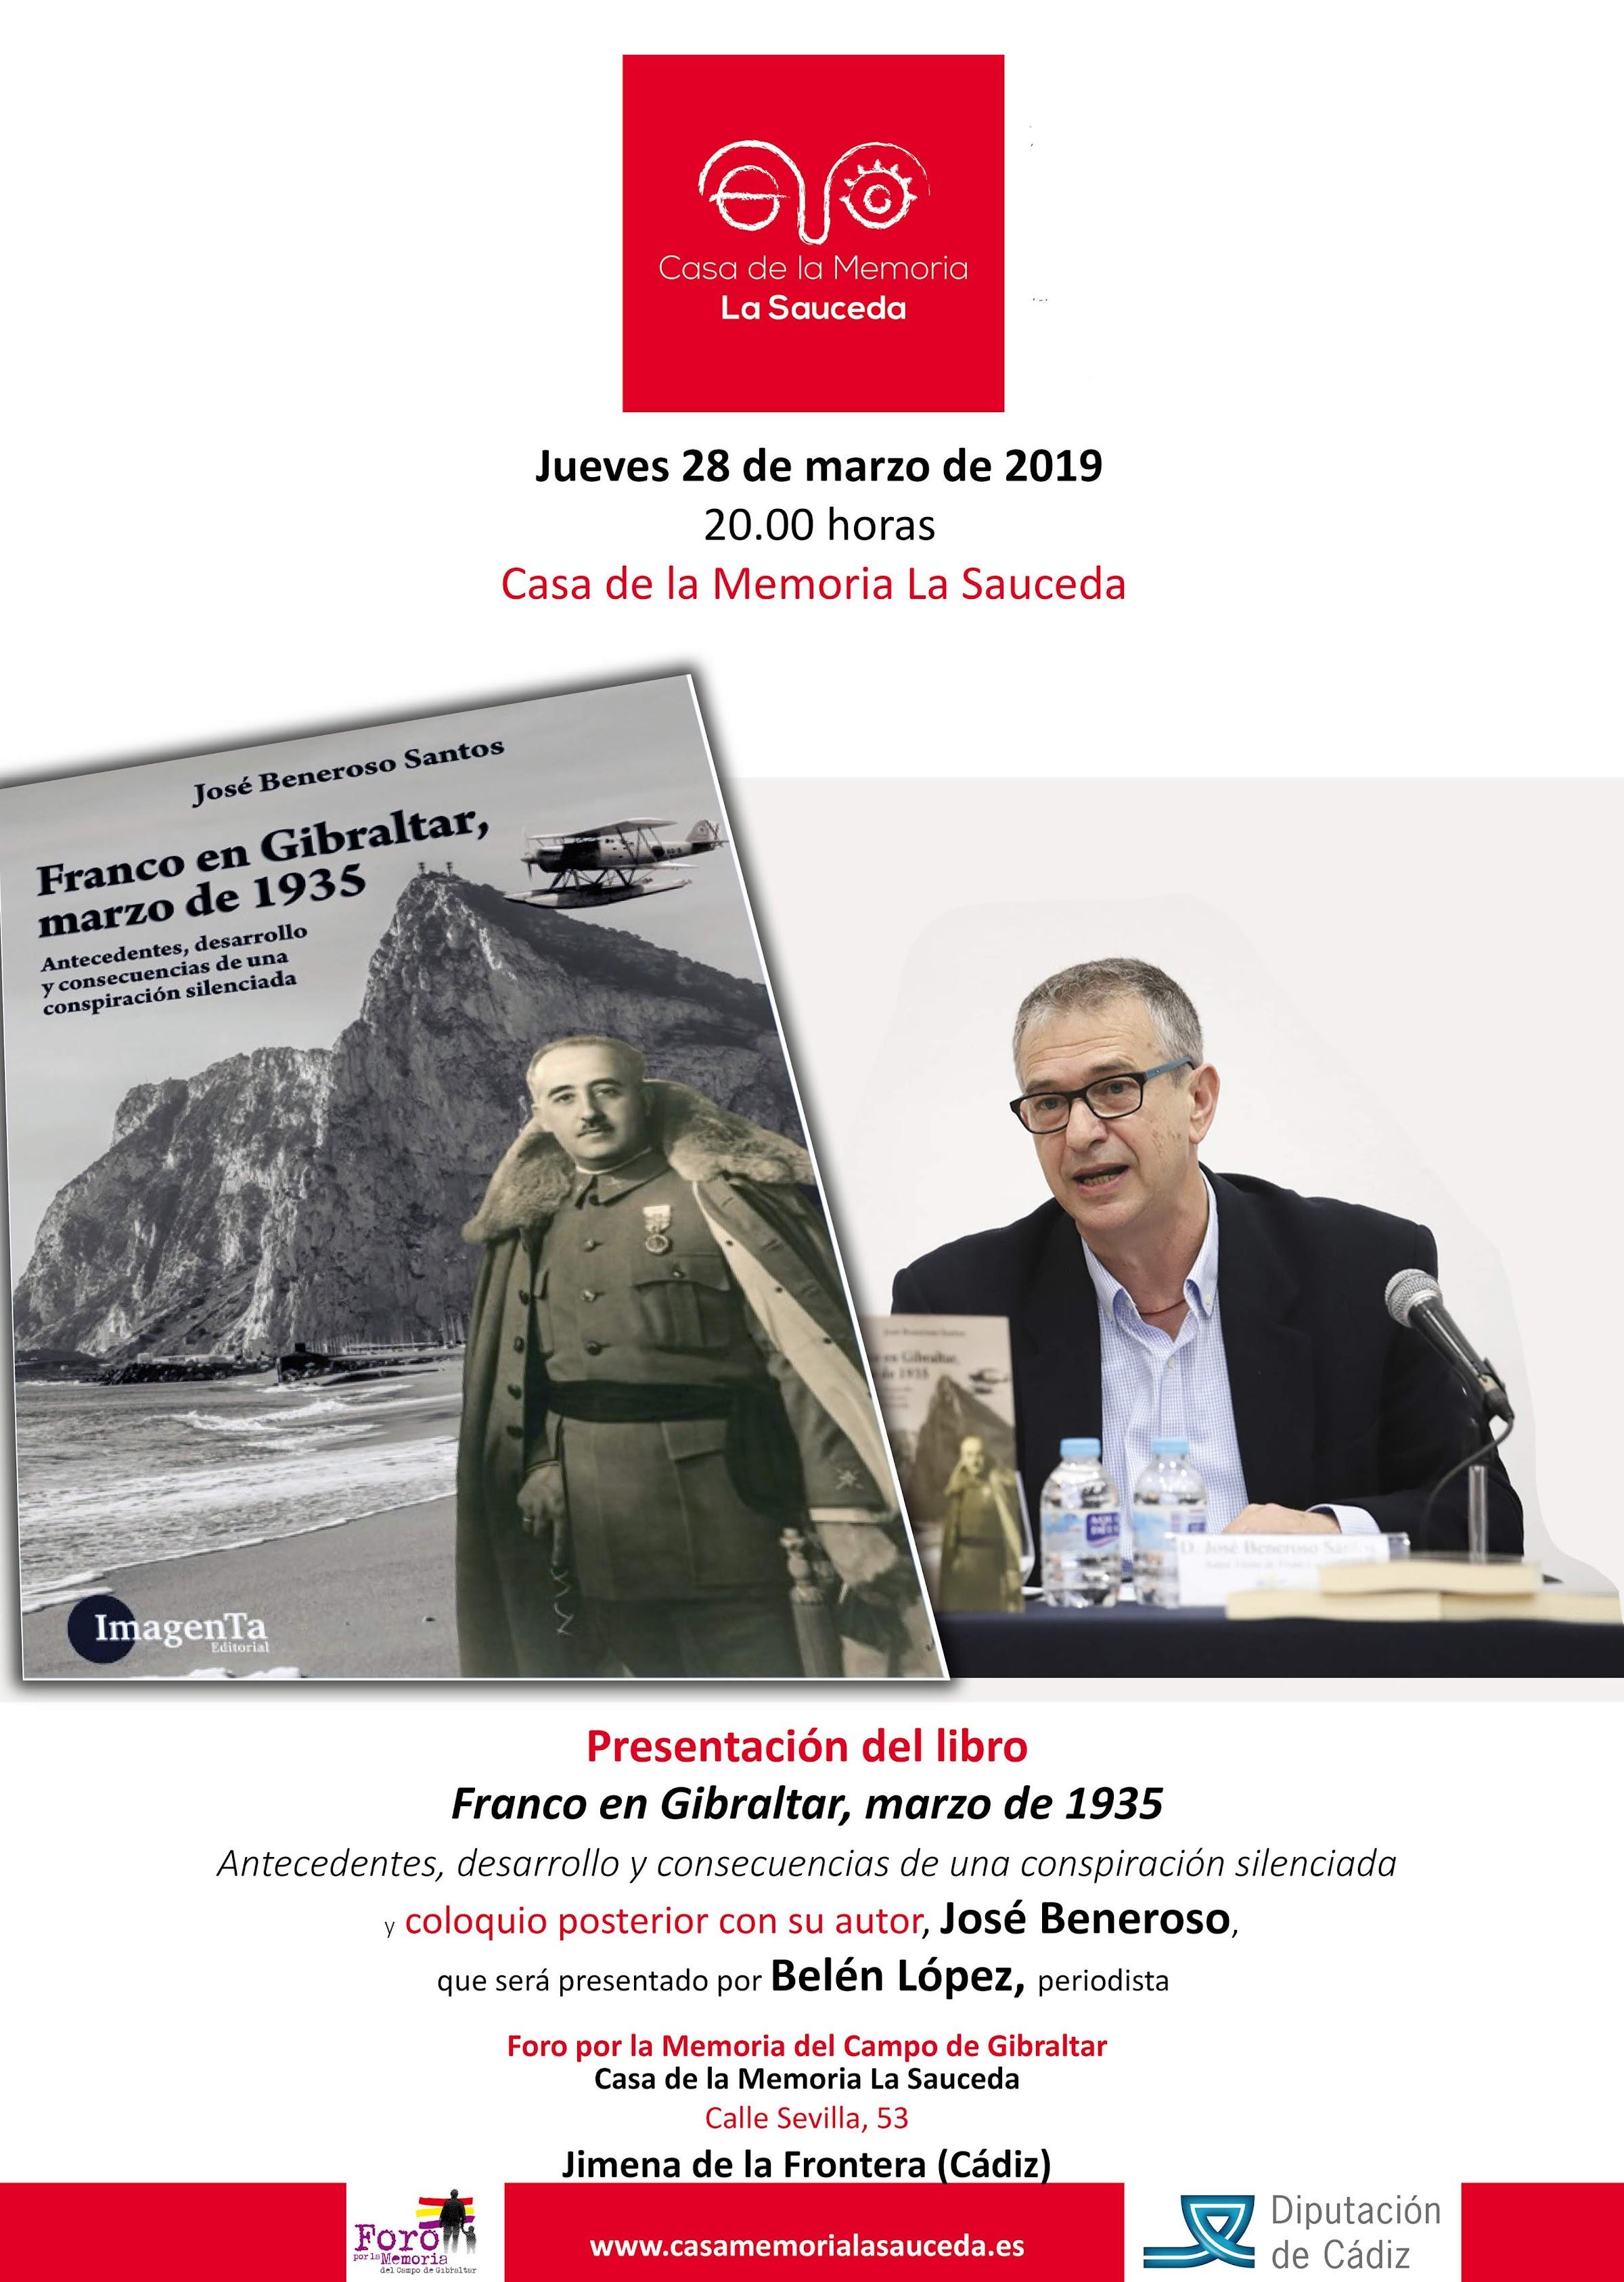 El historiador José Beneroso presentará el jueves 26 en la Casa de la Memoria su libro Franco en Gibraltar, marzo de 1935